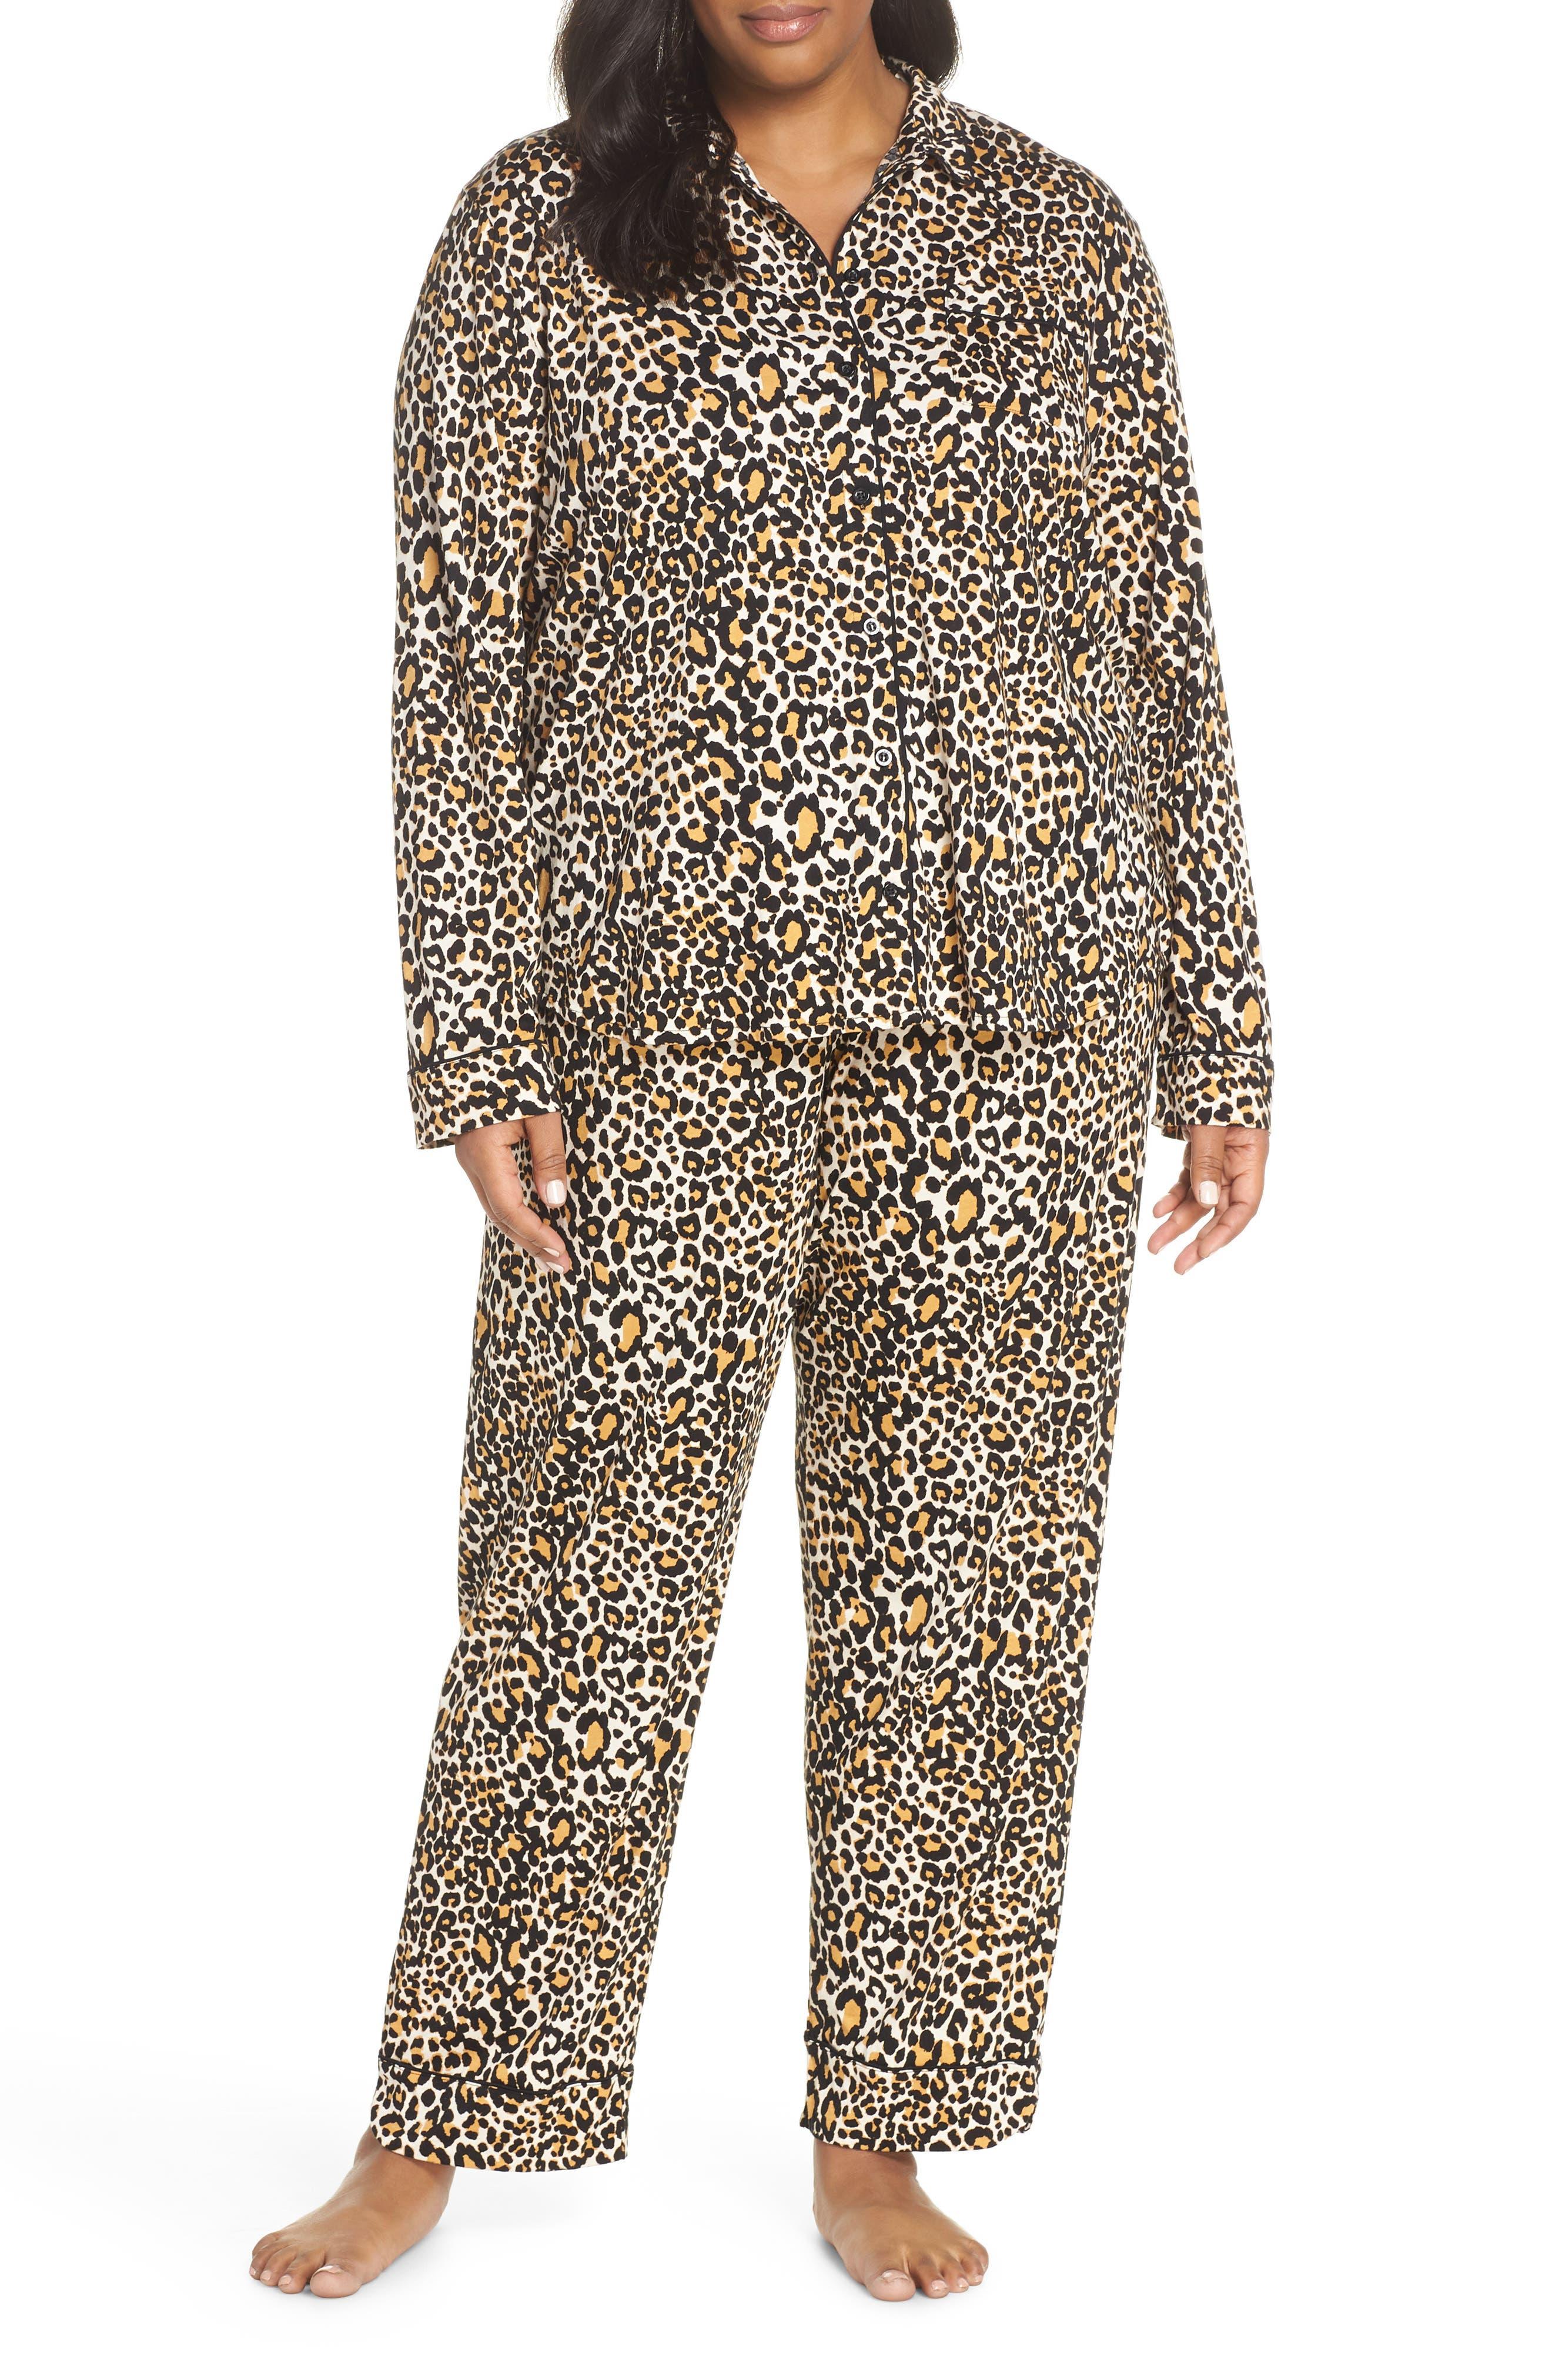 Plus Size Pj Salvage Give Love Pajamas